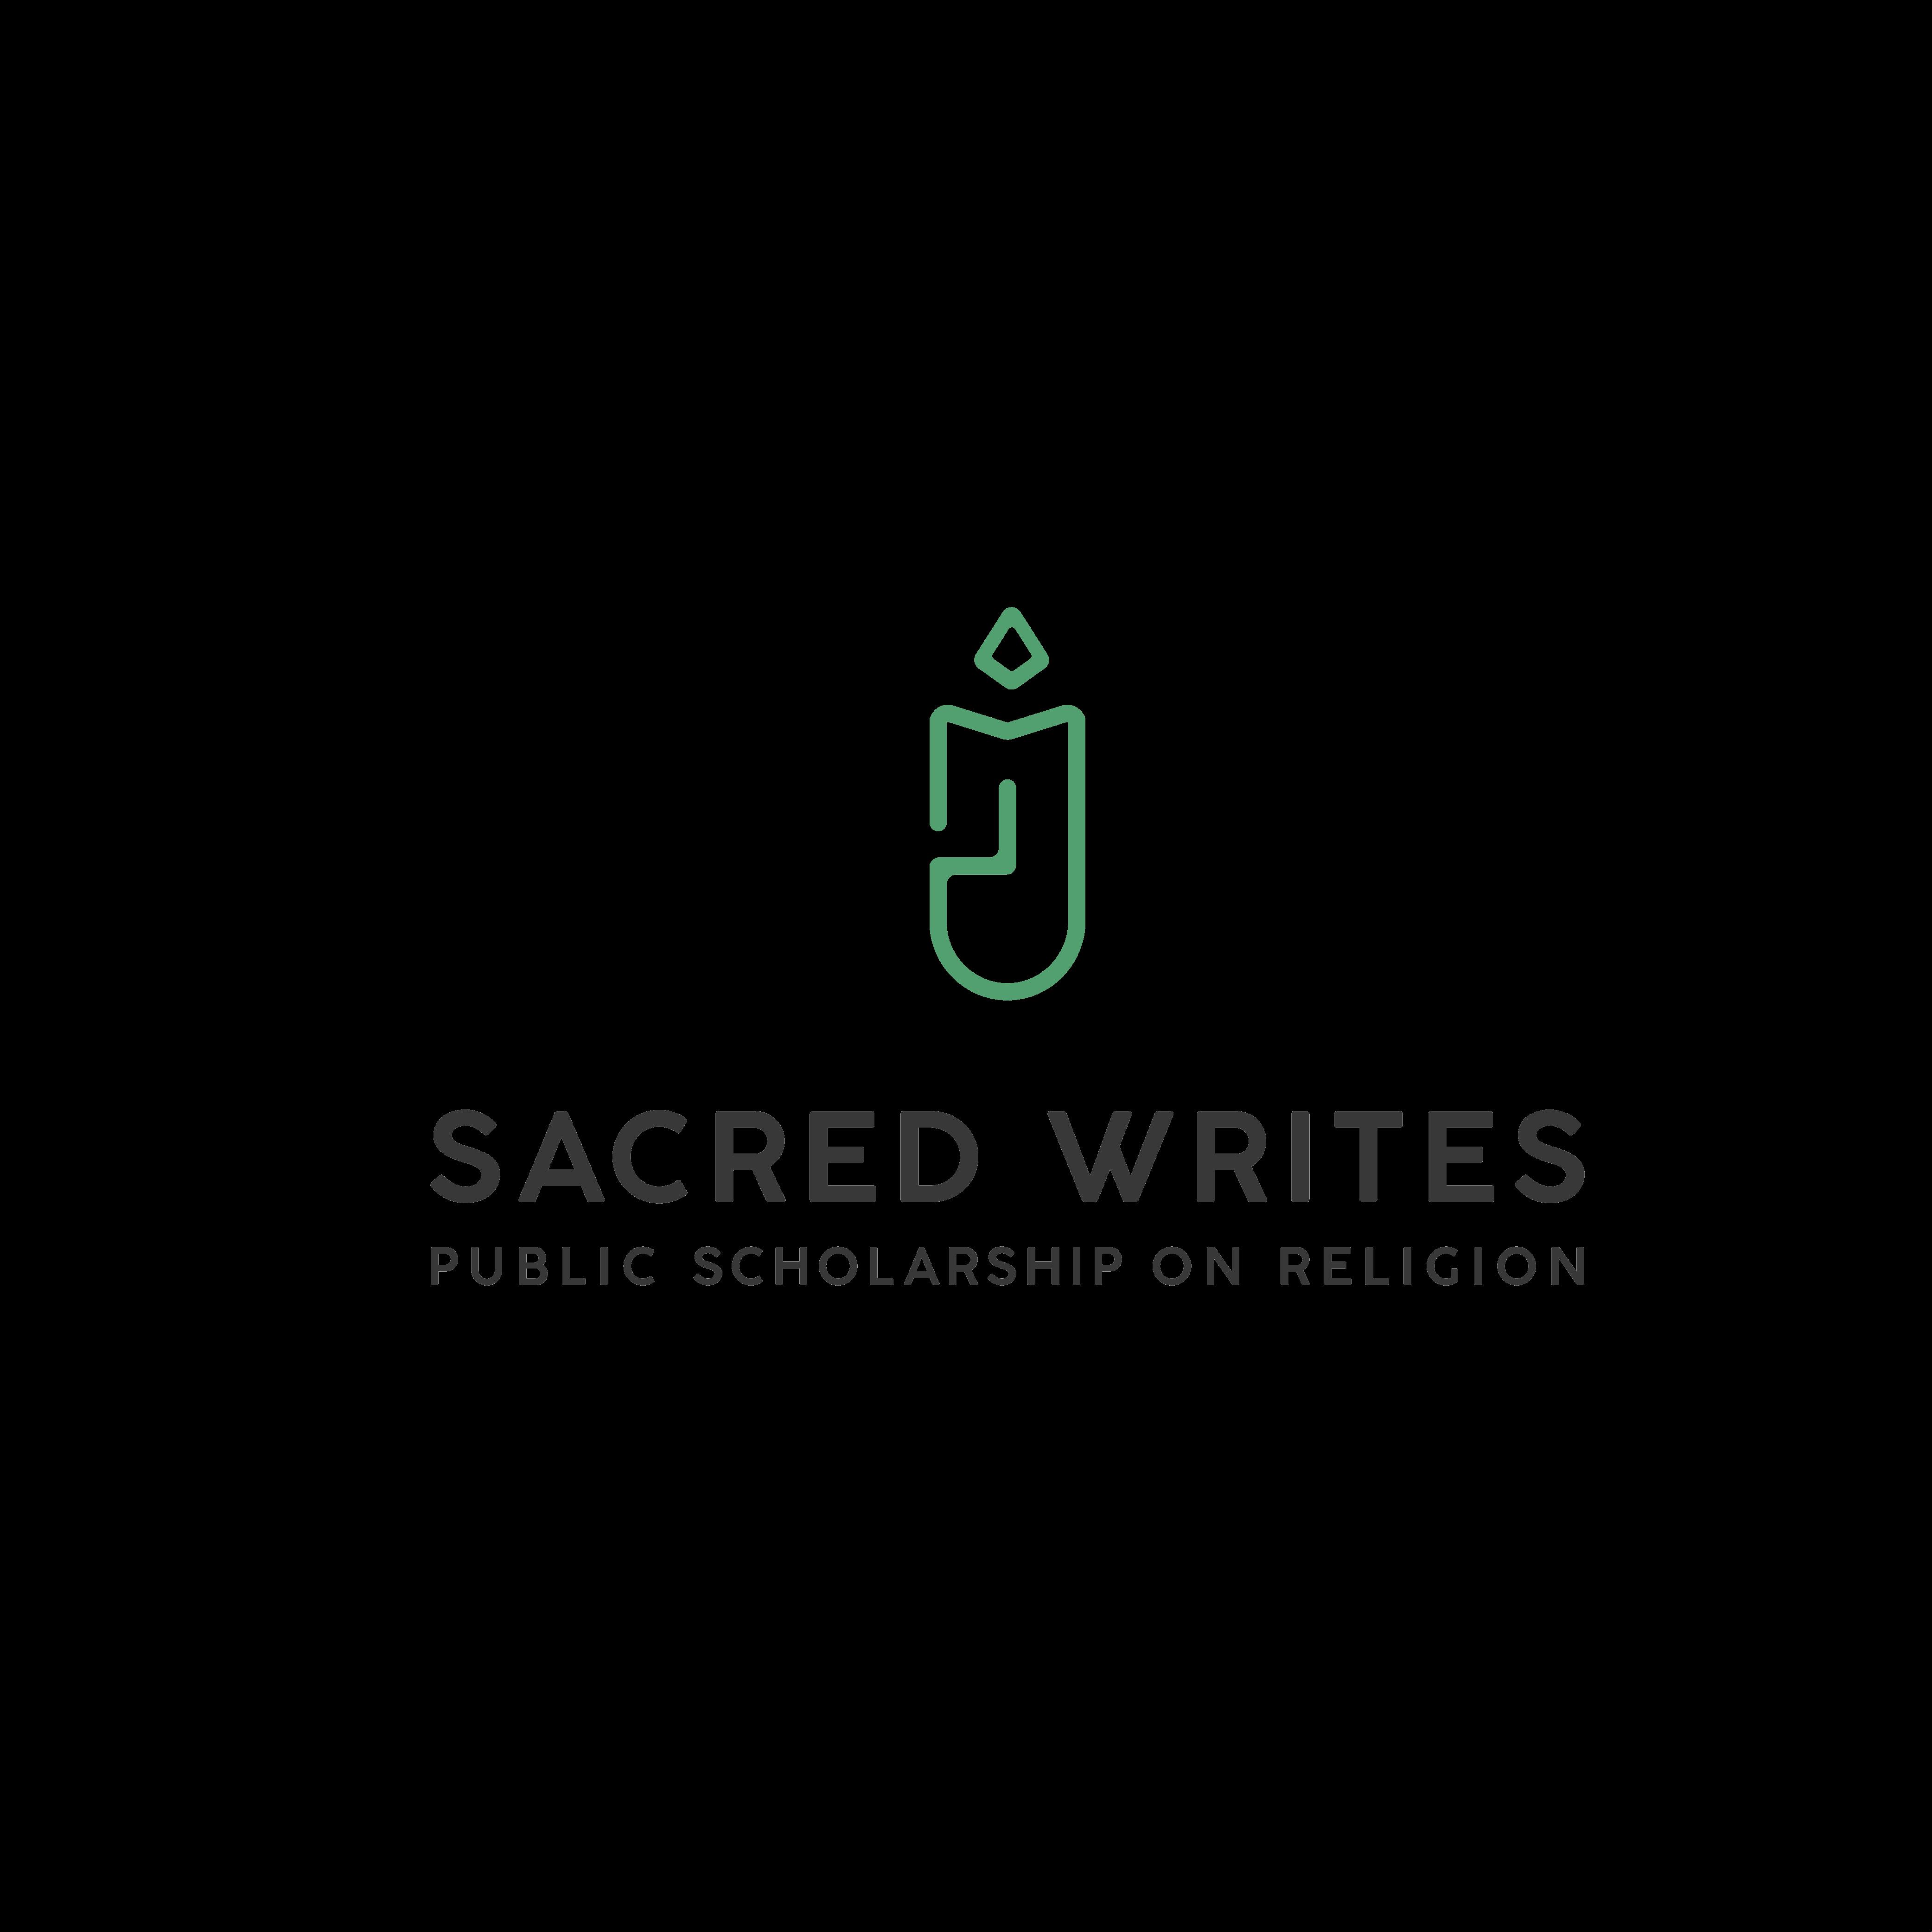 sacred writes logo